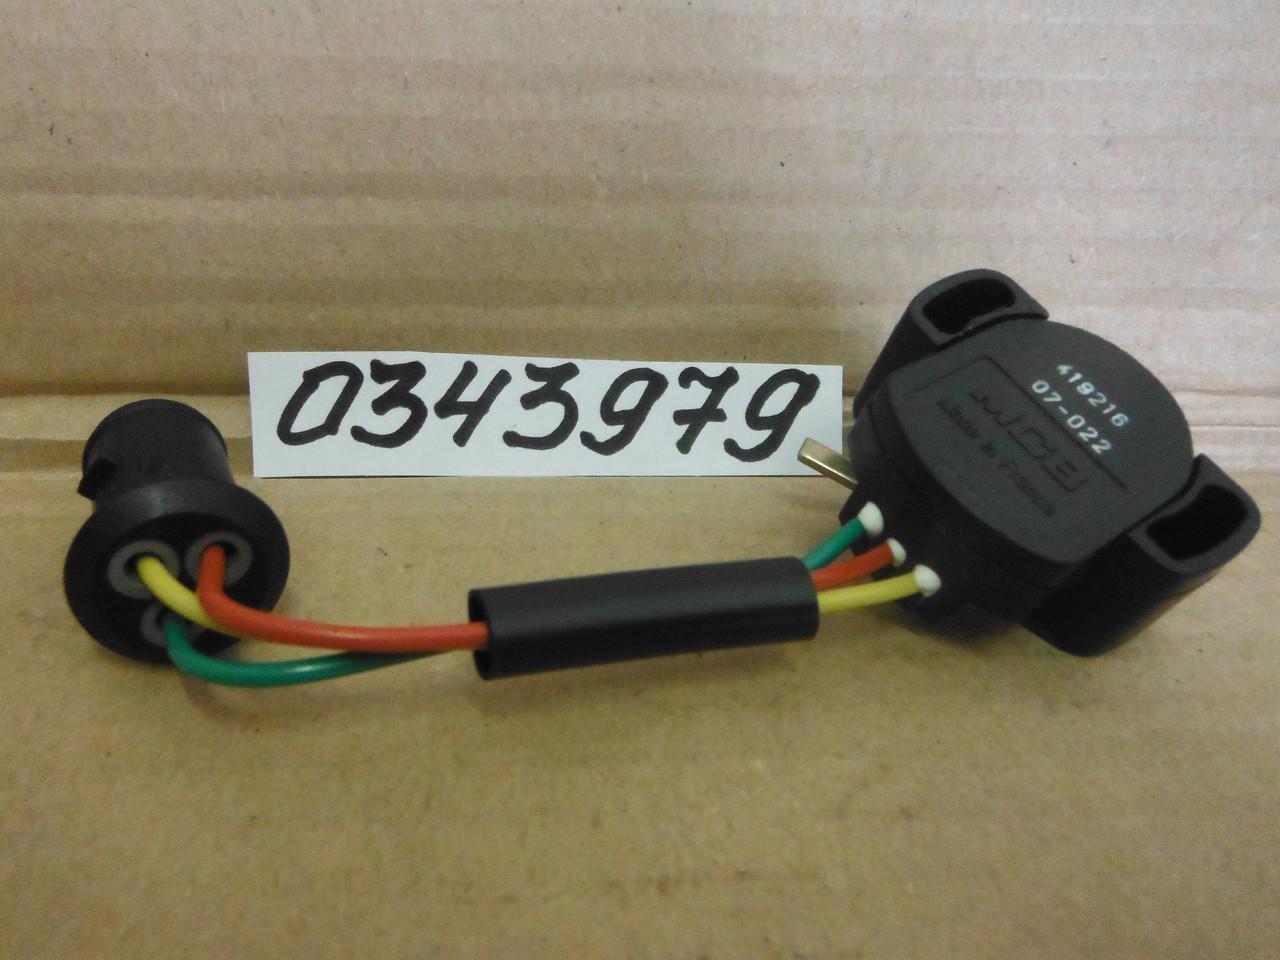 STILL 0343979 датчик / датчик